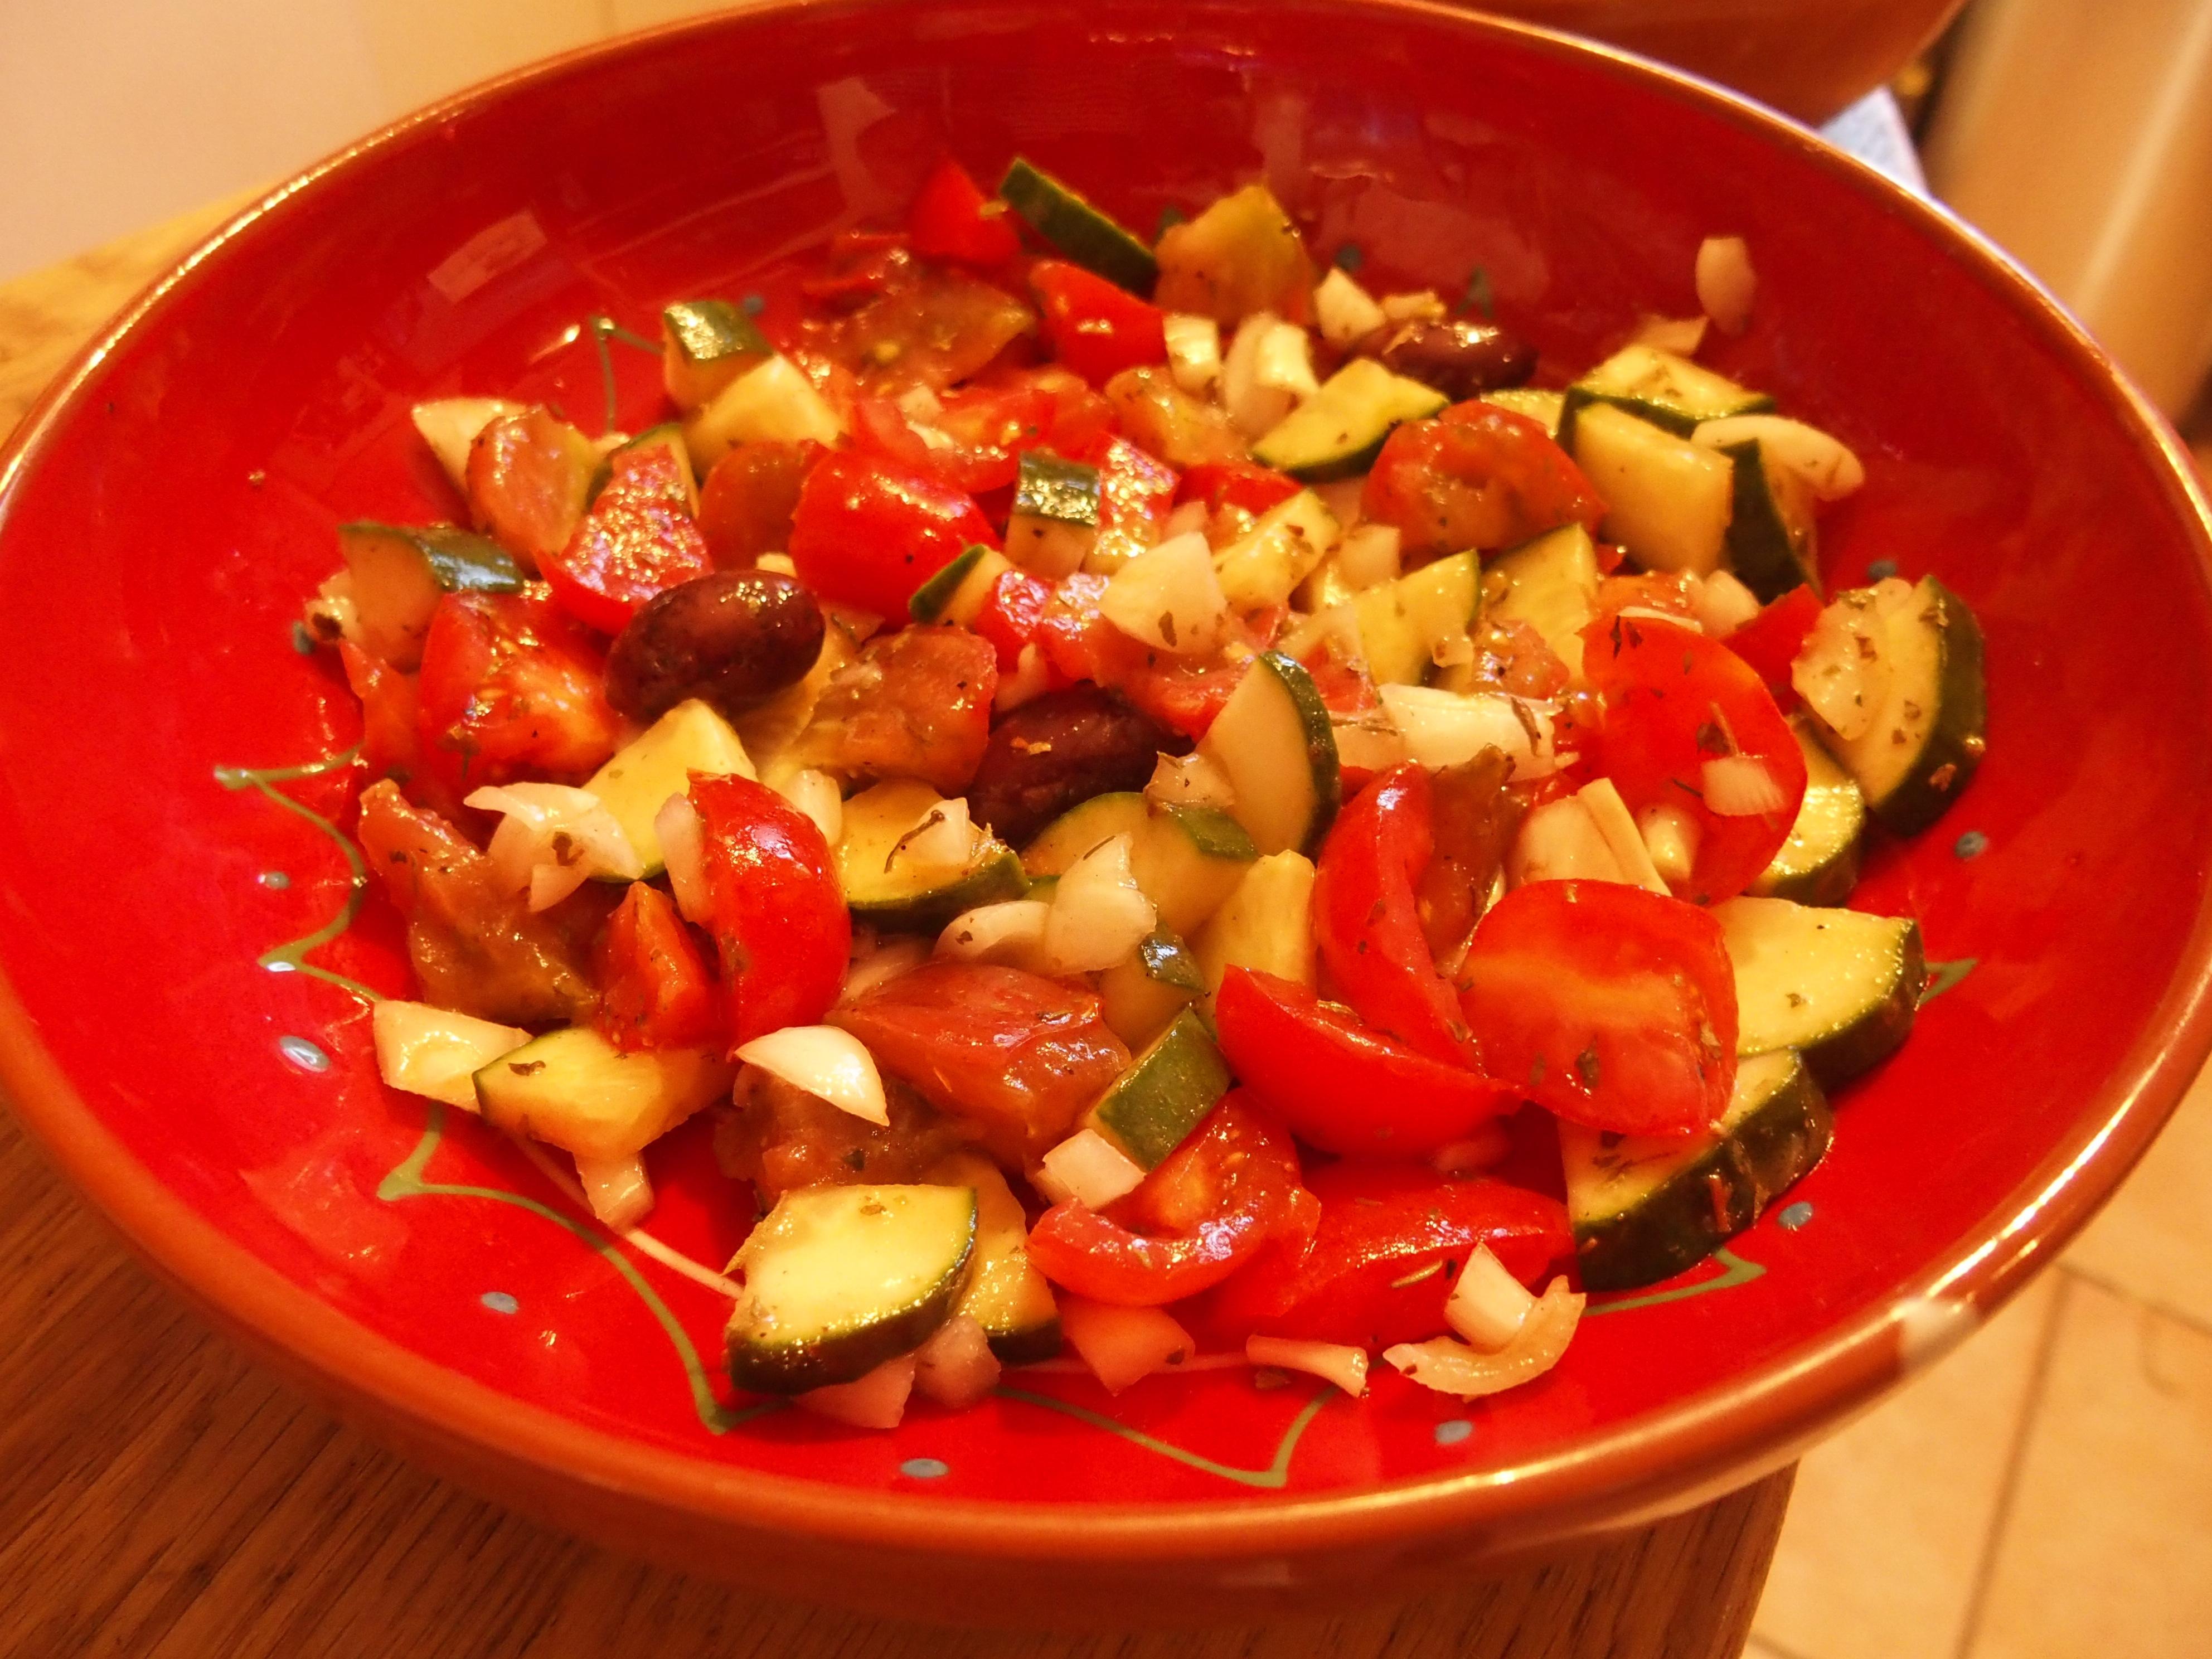 Dégustez une bonne salade grecque